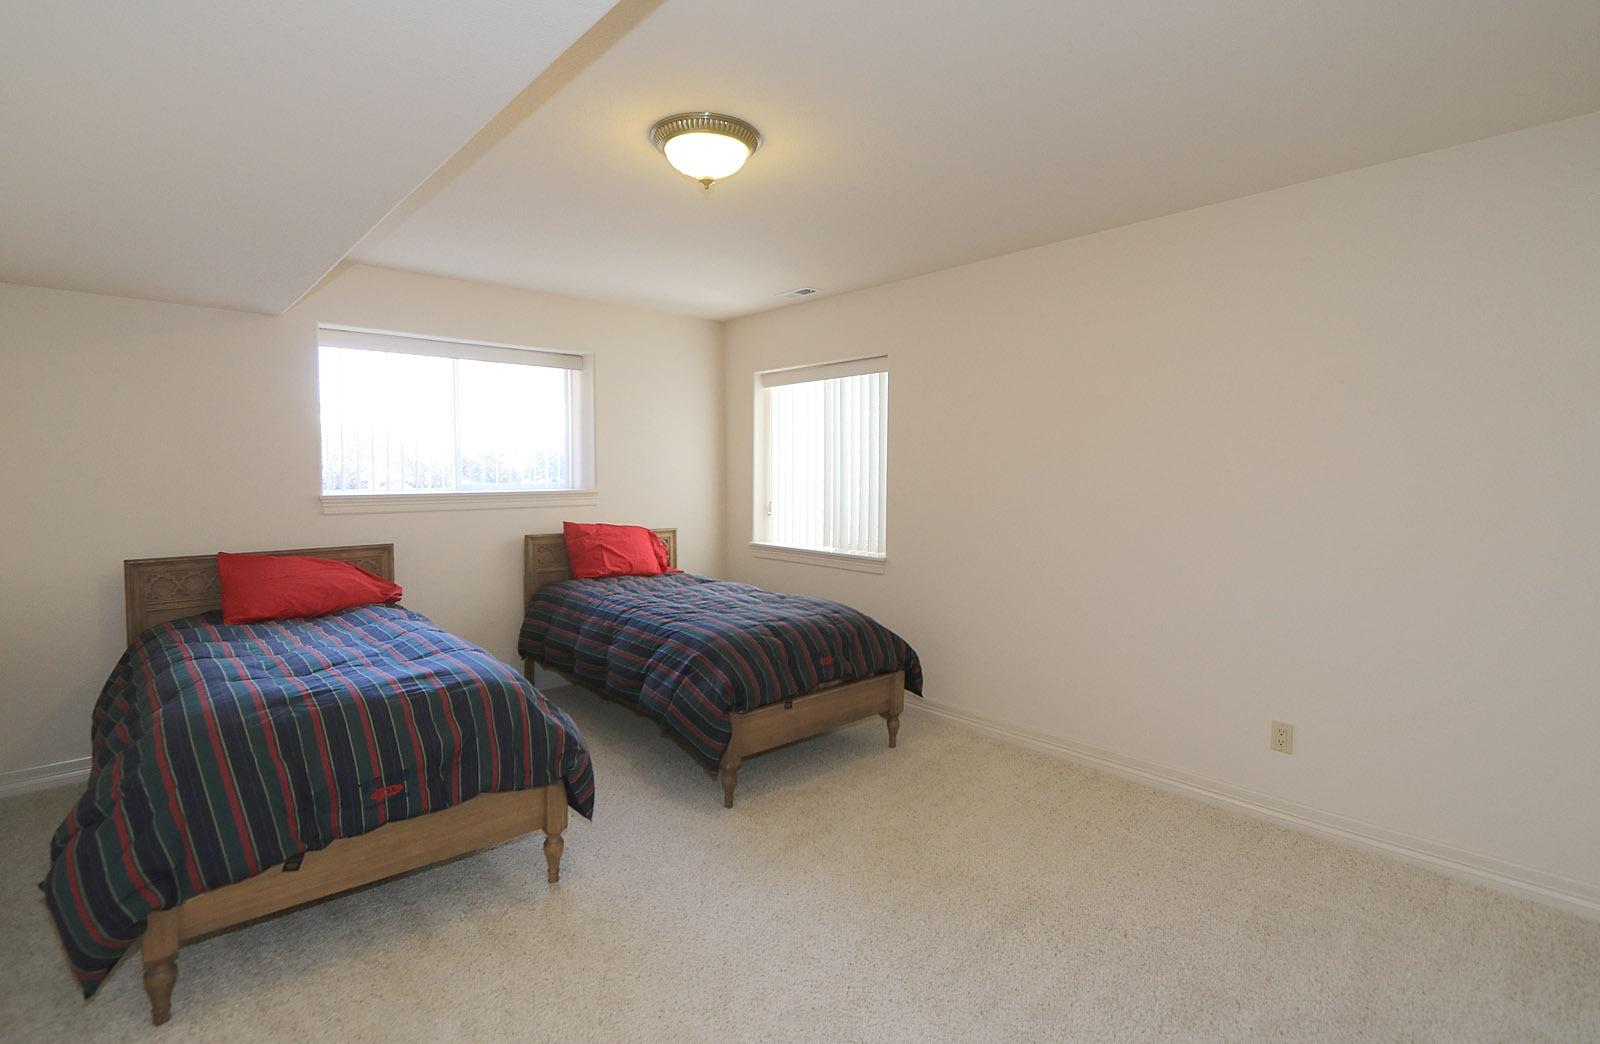 #3 Bedroom 15' X 12'